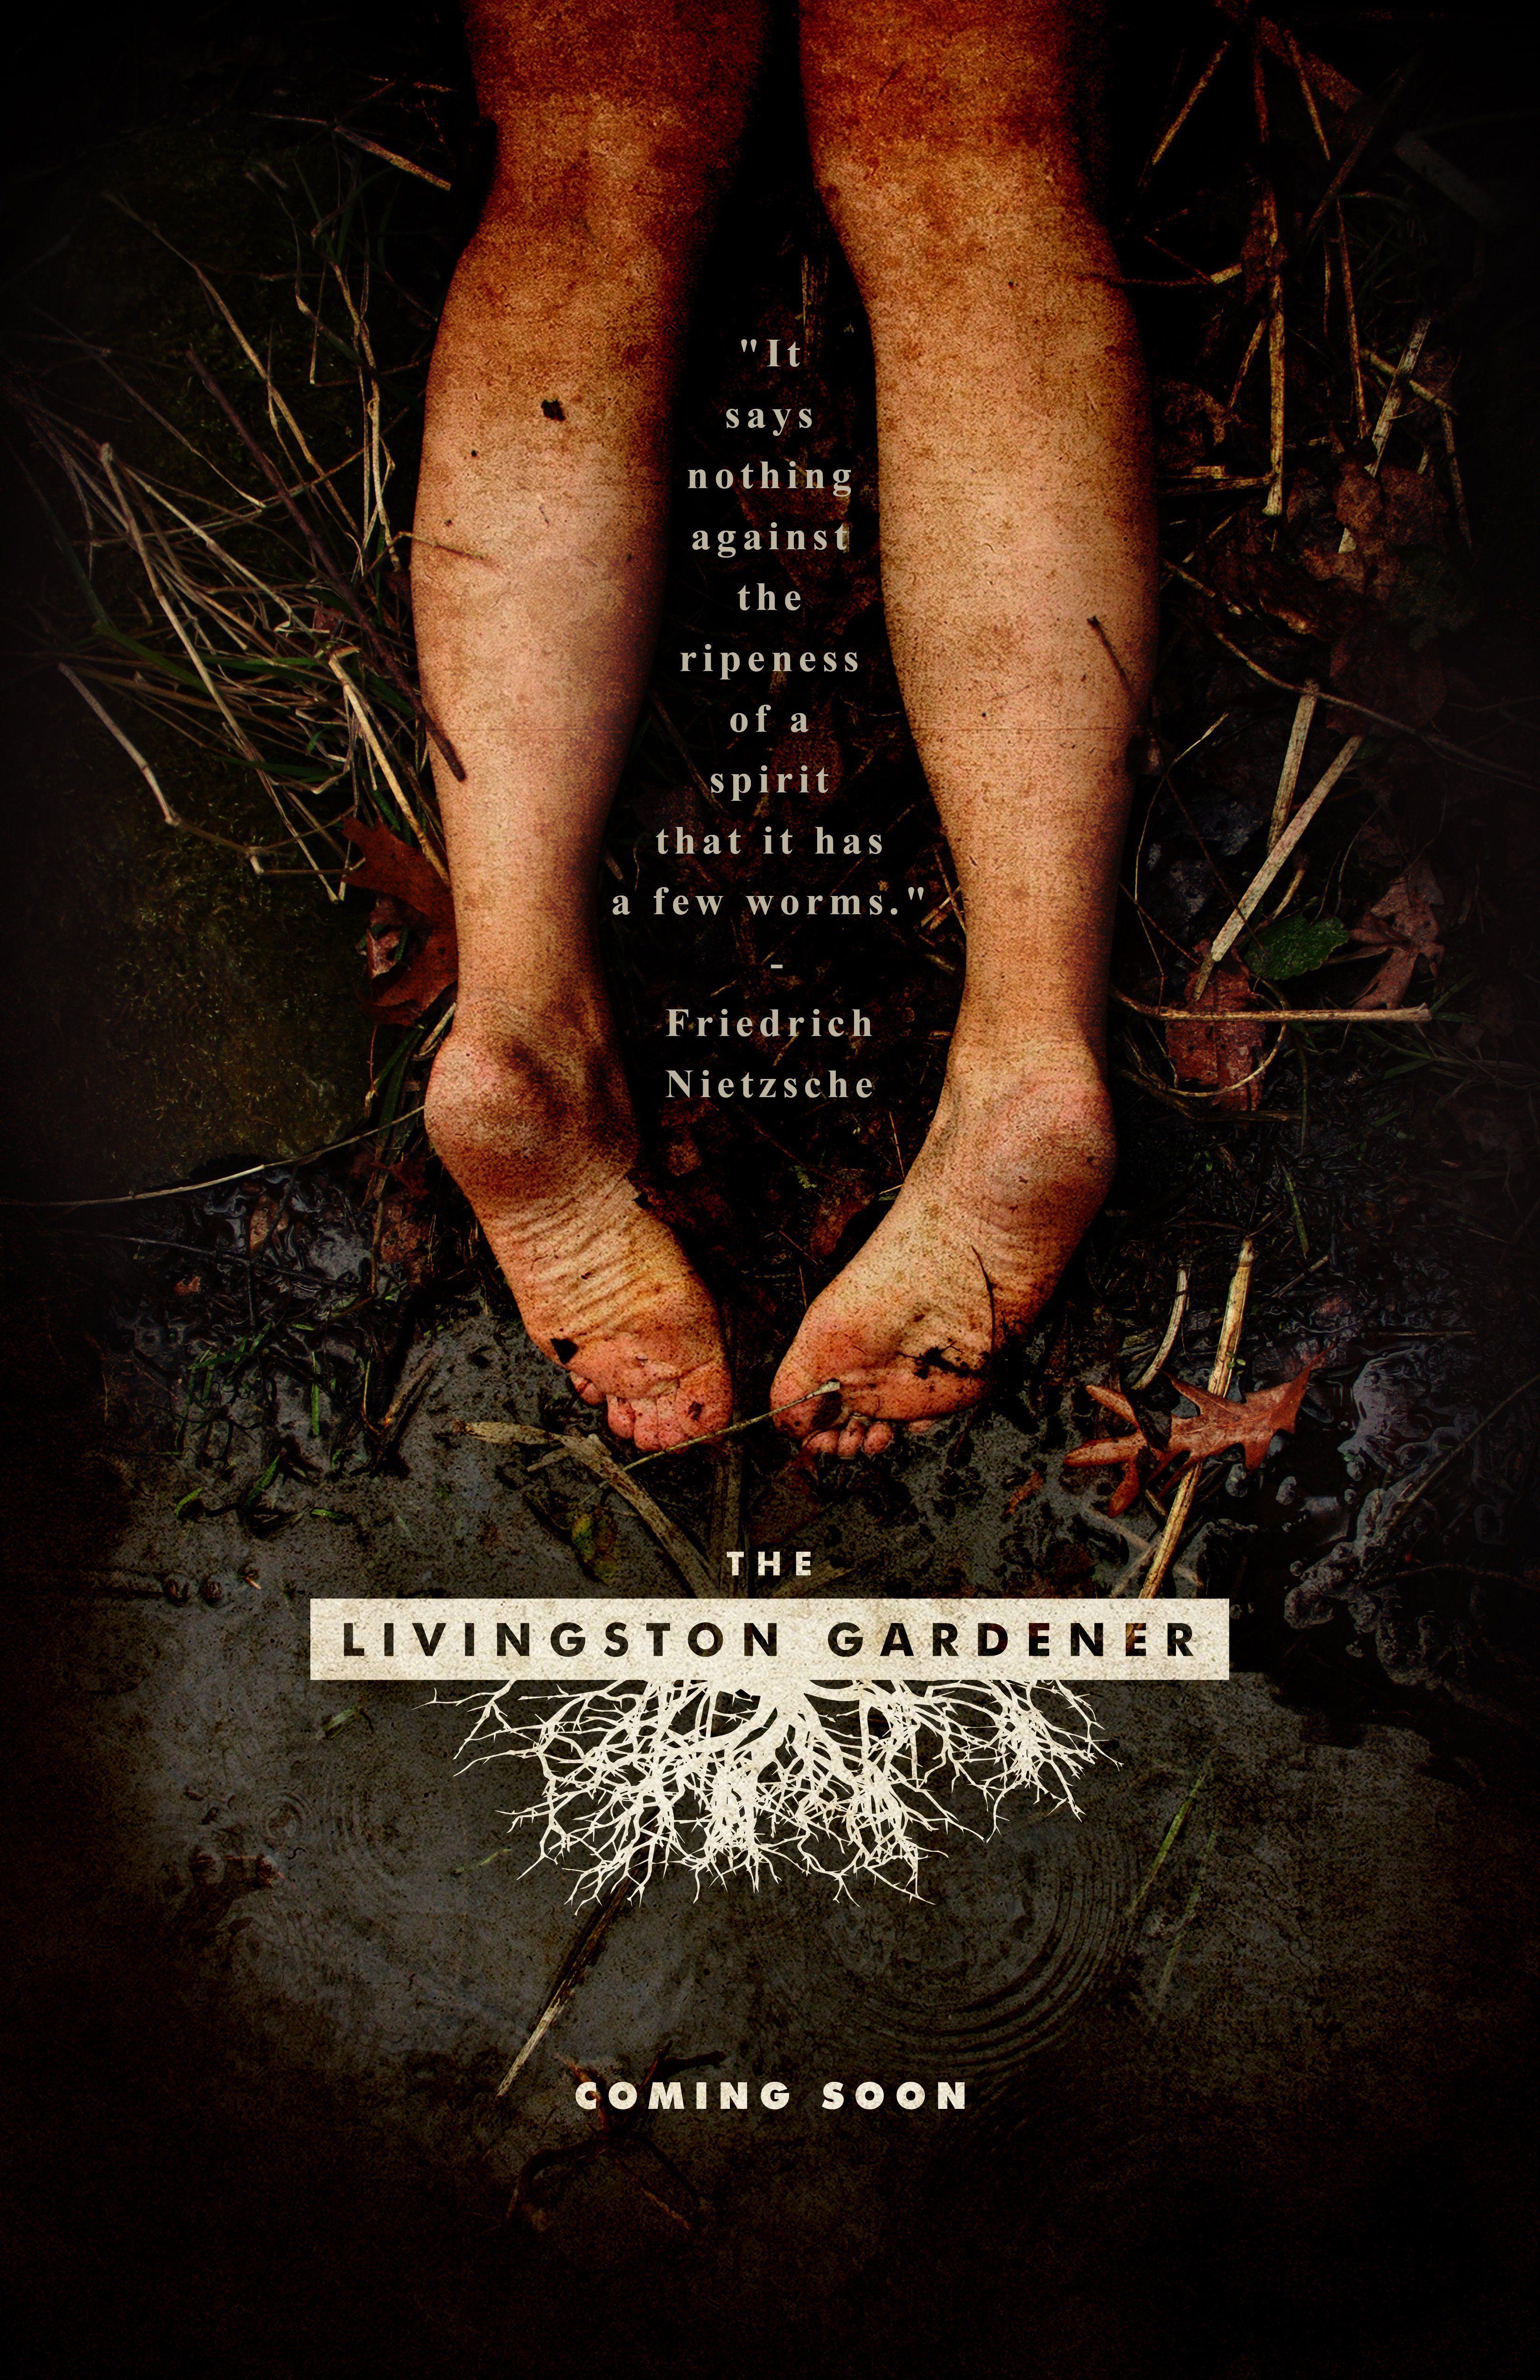 The Livingston Gardener - Film (2015)